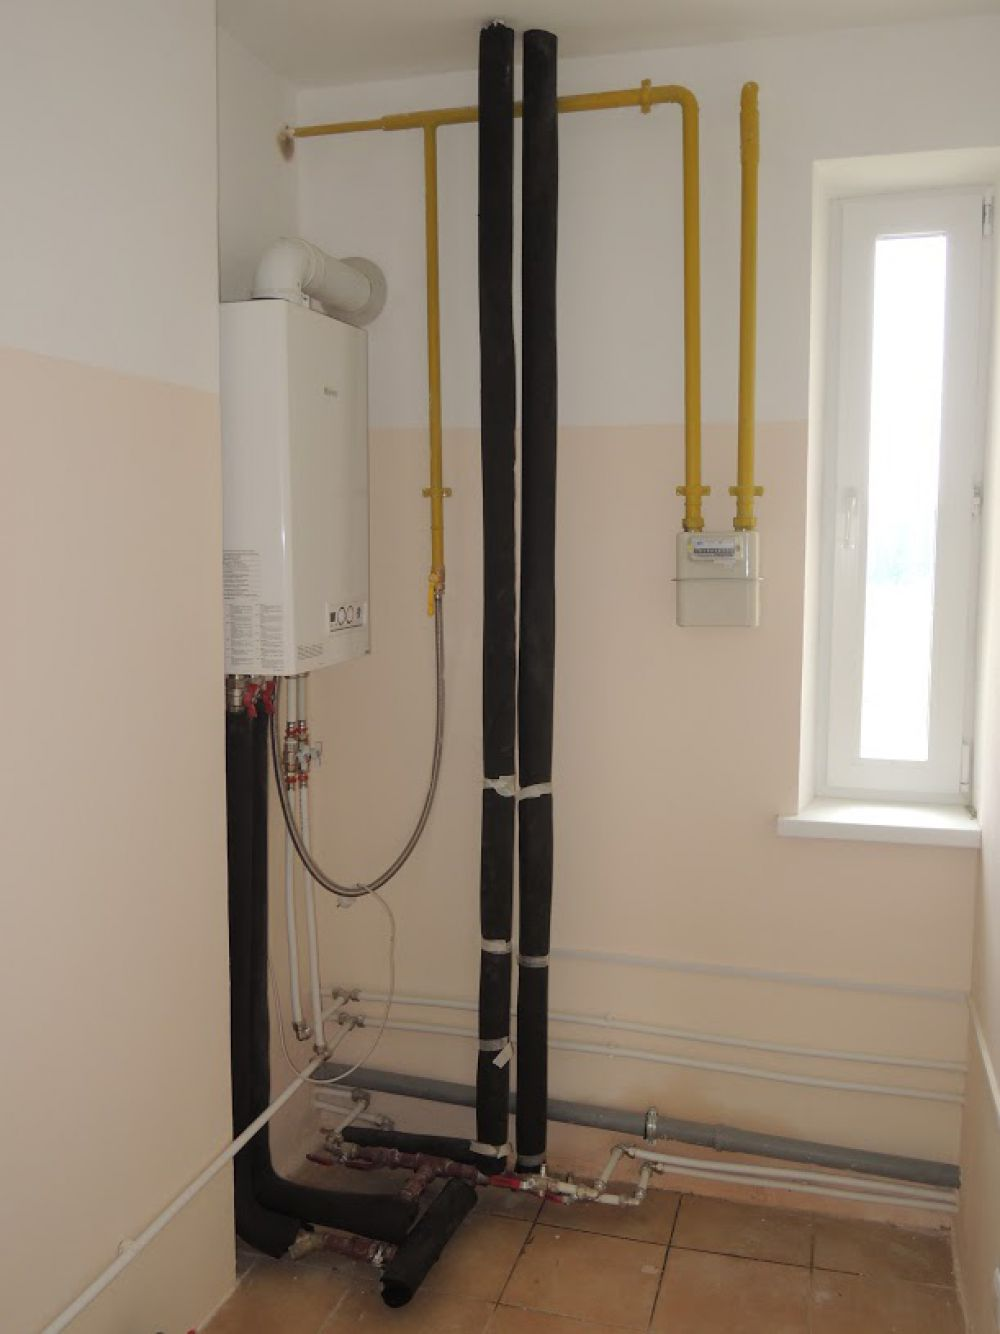 В каждой квартире предусмотрен индивидуальный газовый котел. Никаких дополнительных выплат за подключение к сетям не потребуется!